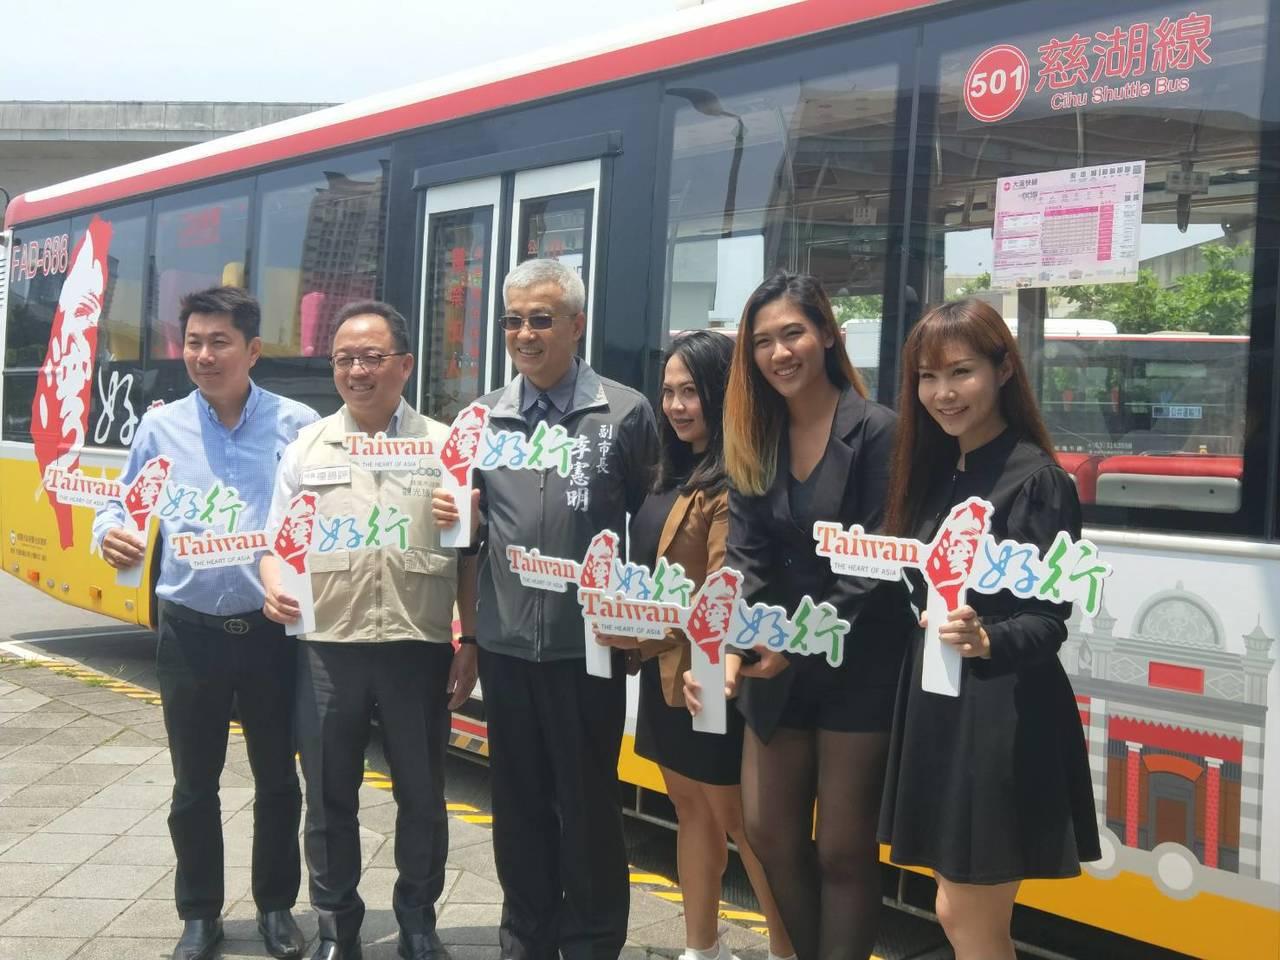 桃園市府團隊和泰國網紅一起宣傳台灣好行大溪快線。圖/桃園市觀旅局提供